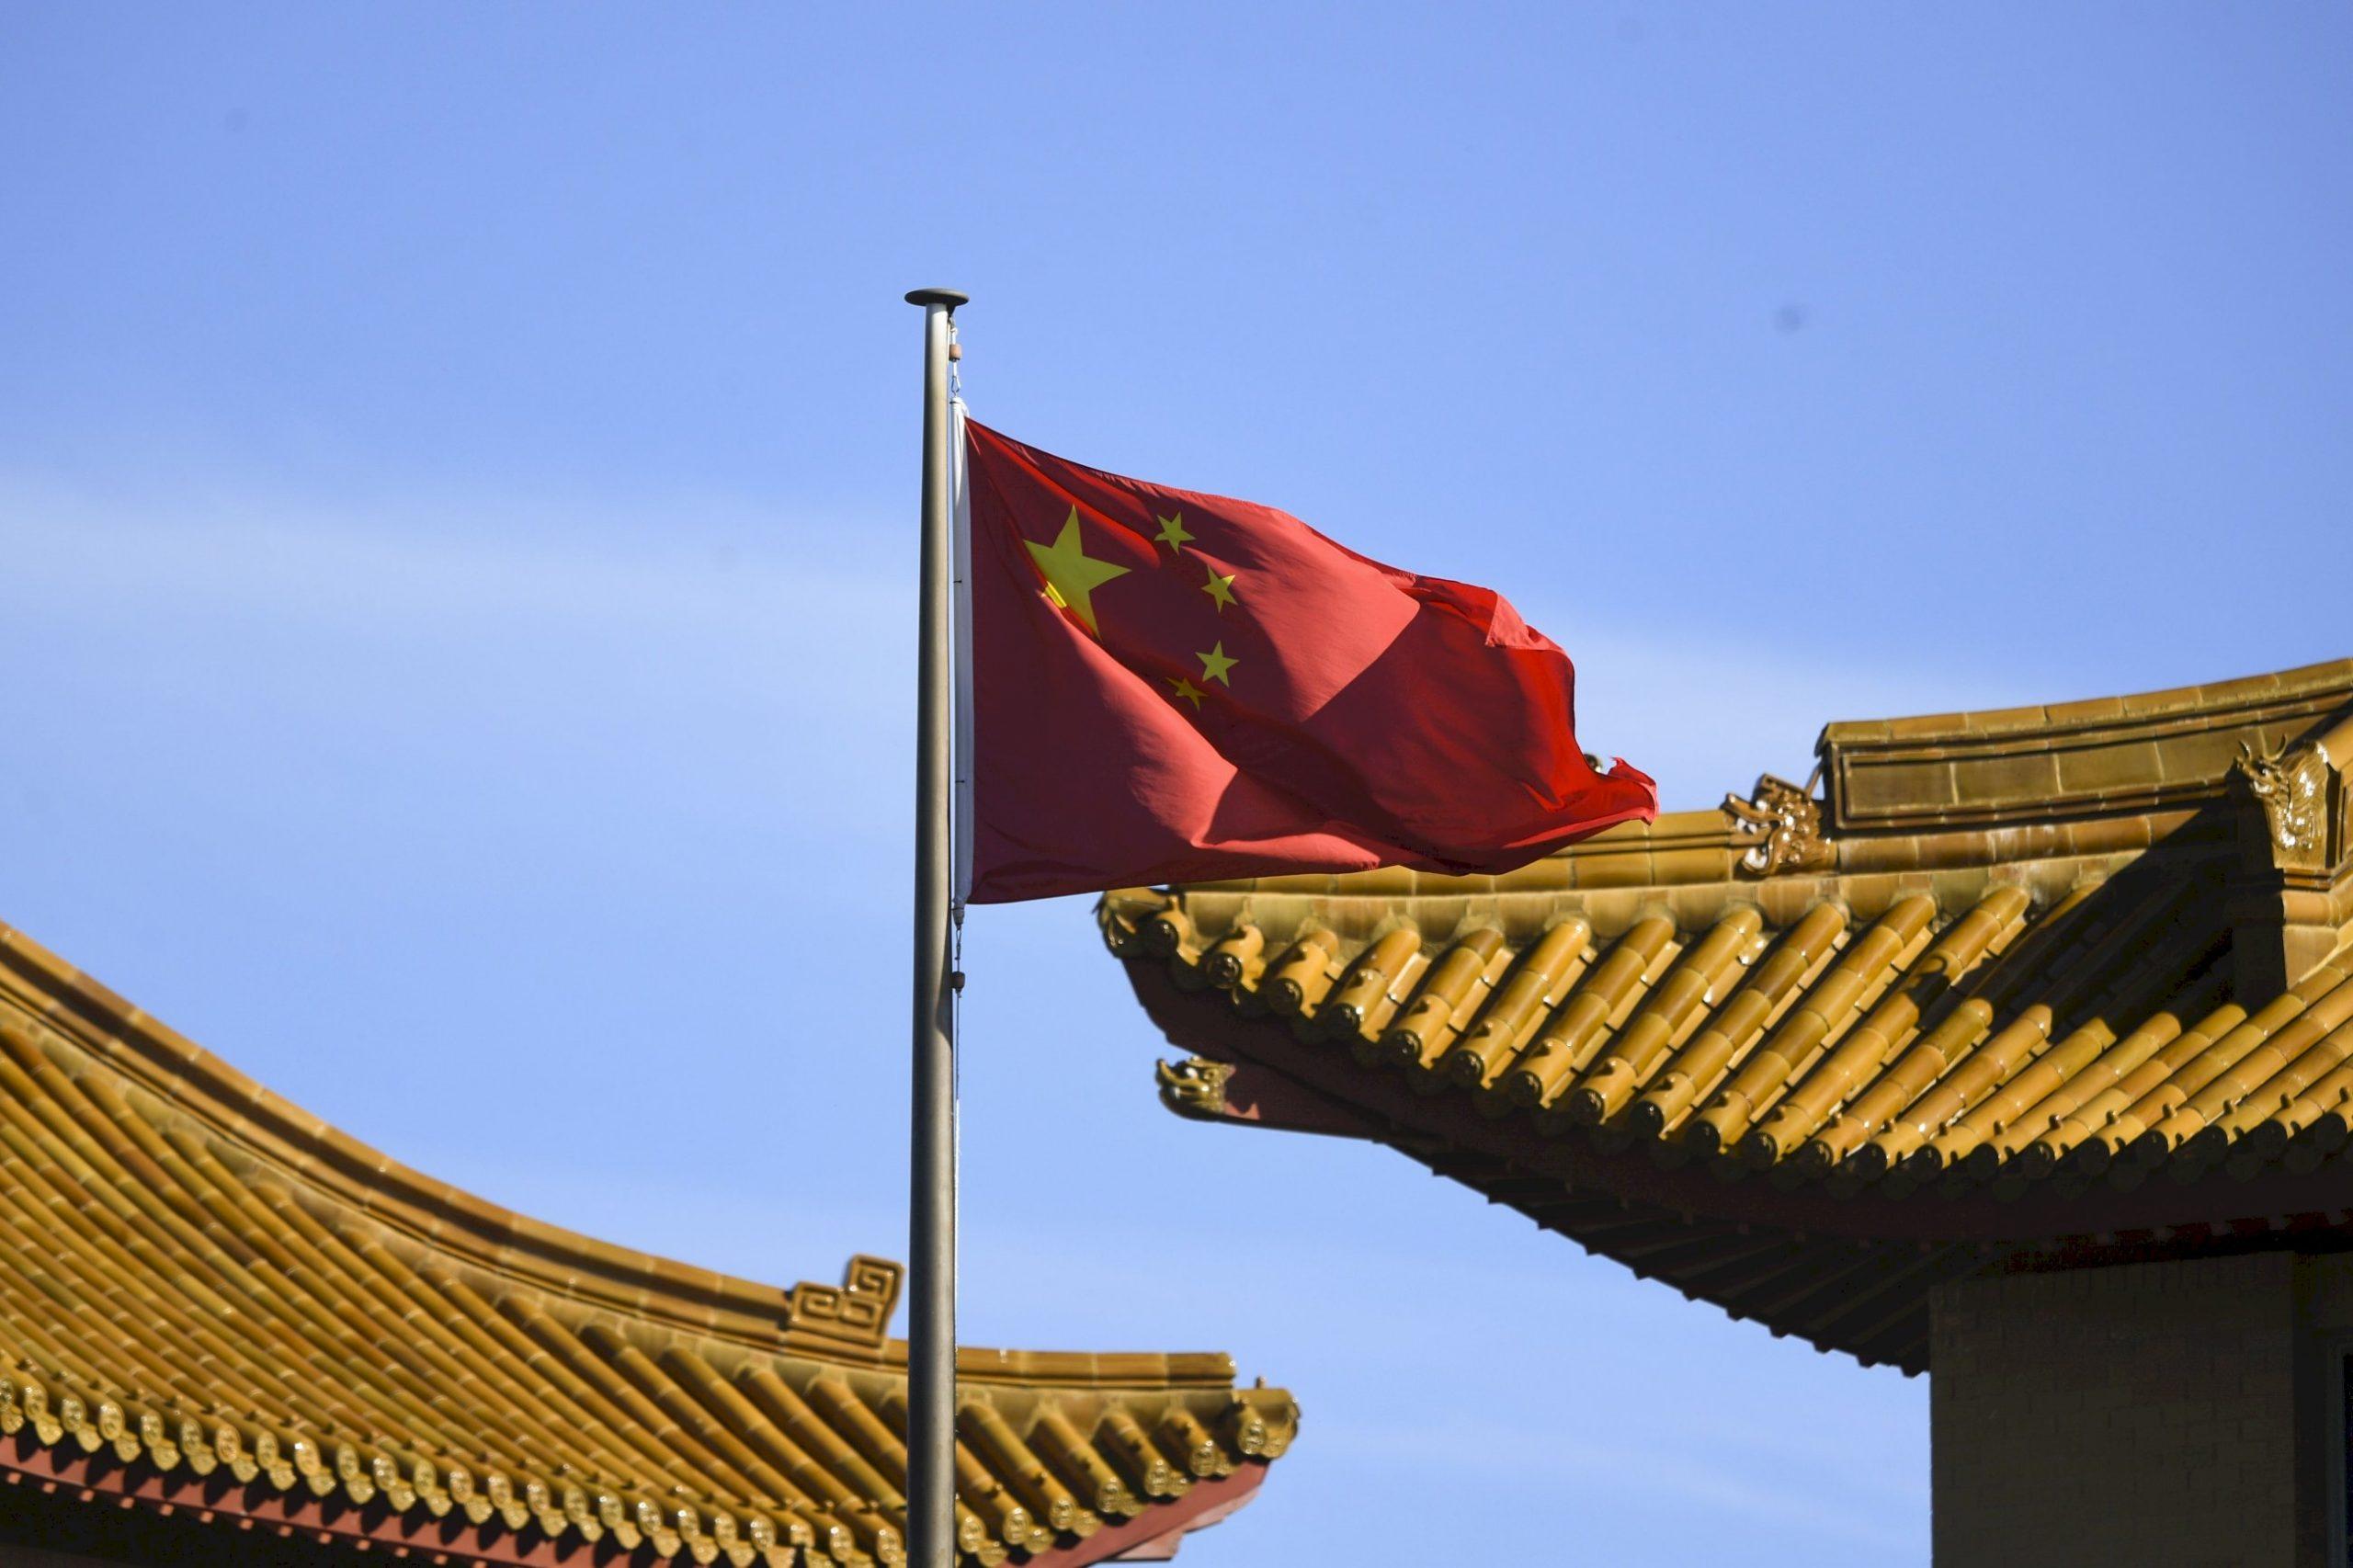 Coyuntura: China. El consumo se recupera y relanza la economía a niveles récord | Autor del artículo: Cristina Casillas